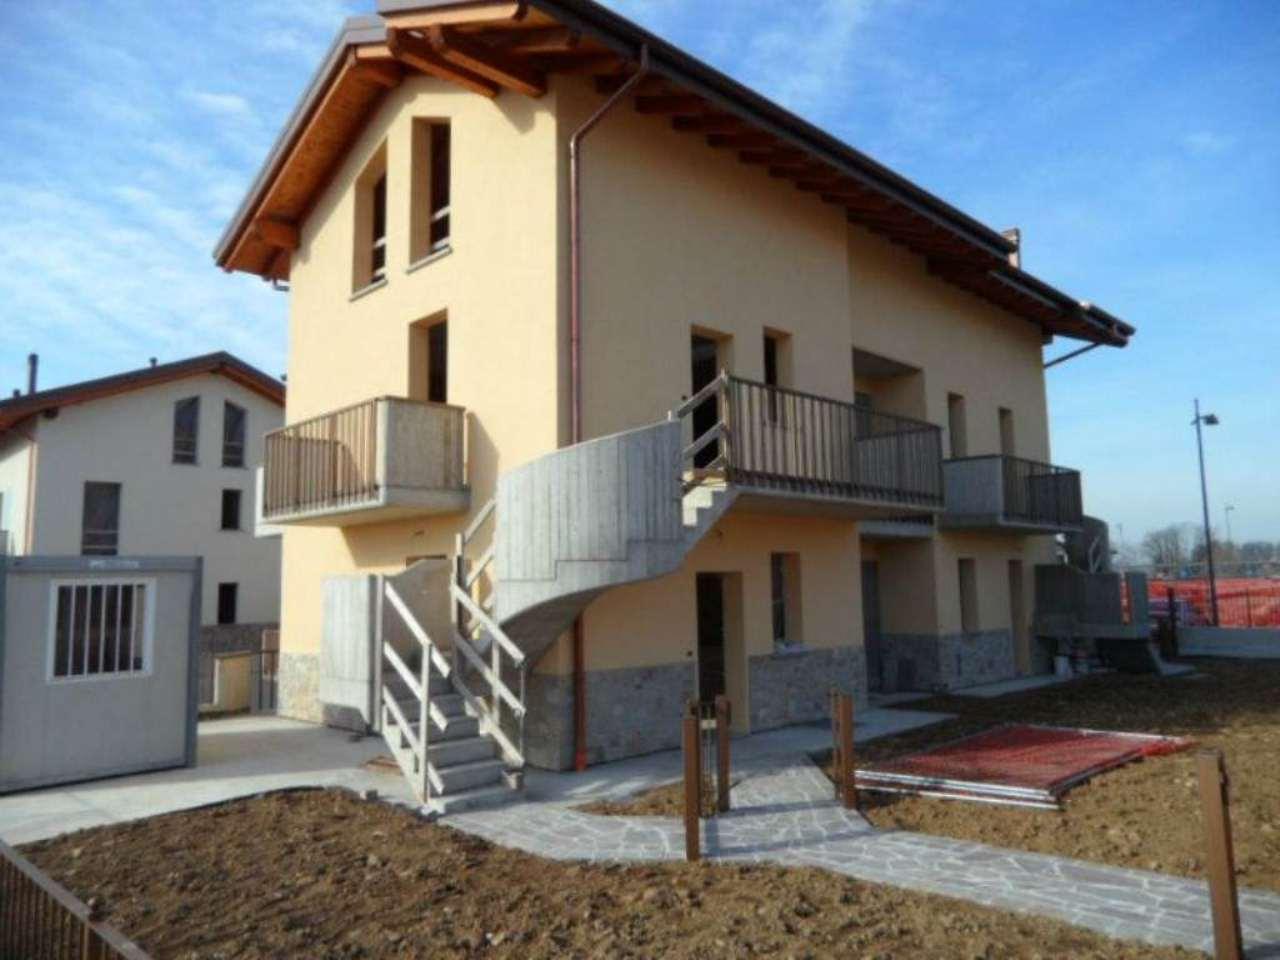 Appartamento in vendita a Grassobbio, 2 locali, prezzo € 139.100 | Cambio Casa.it